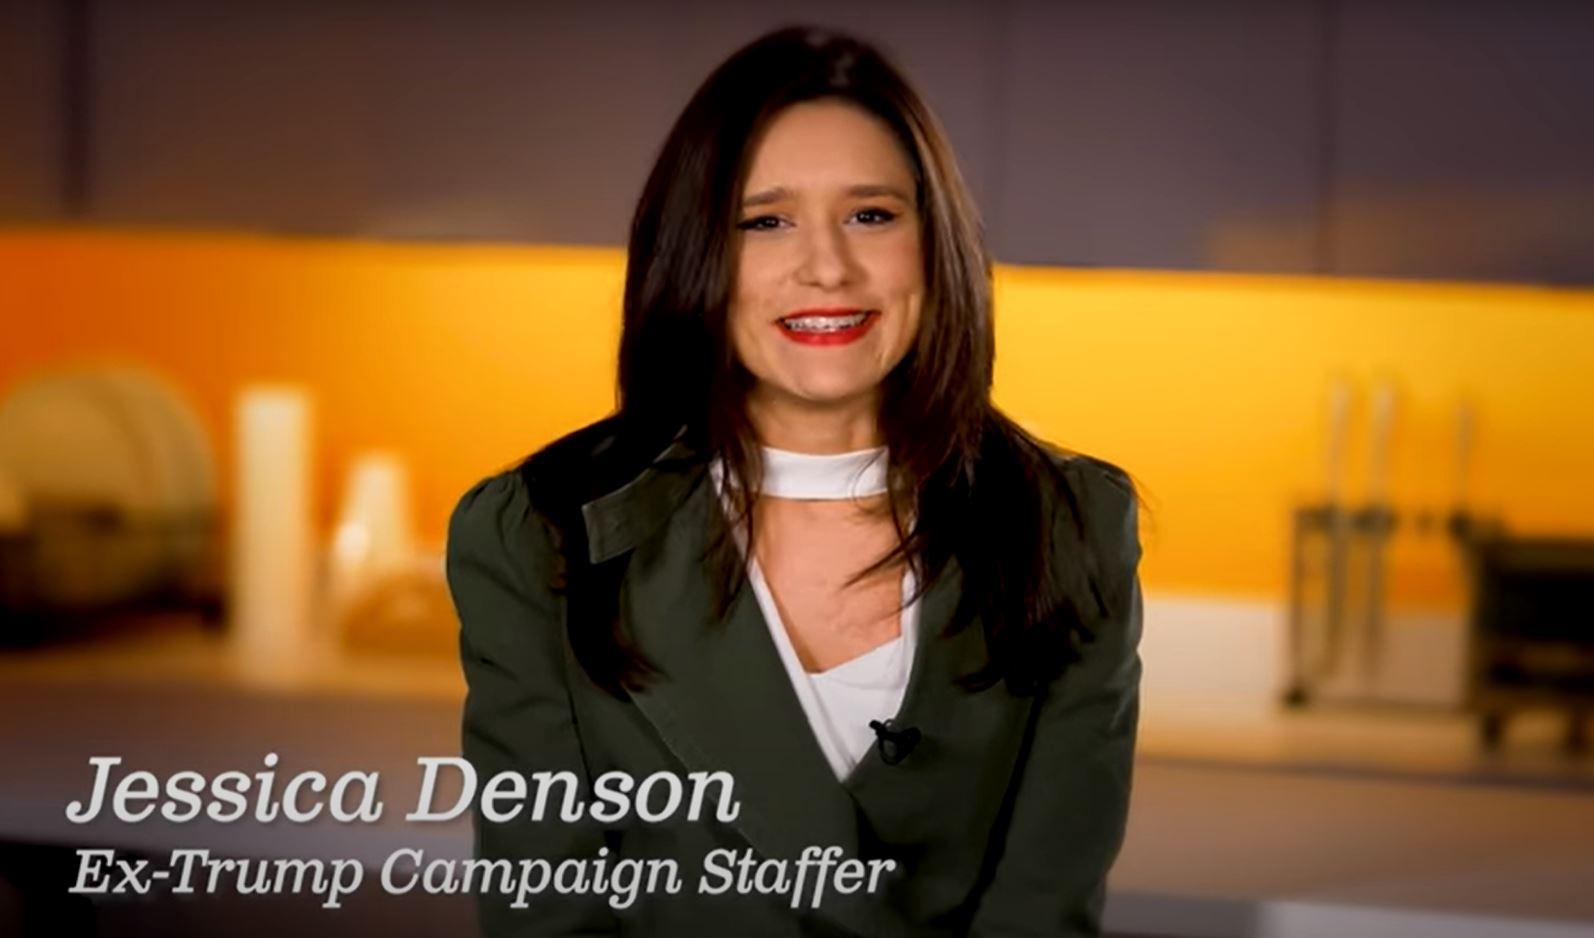 Jessica Denson